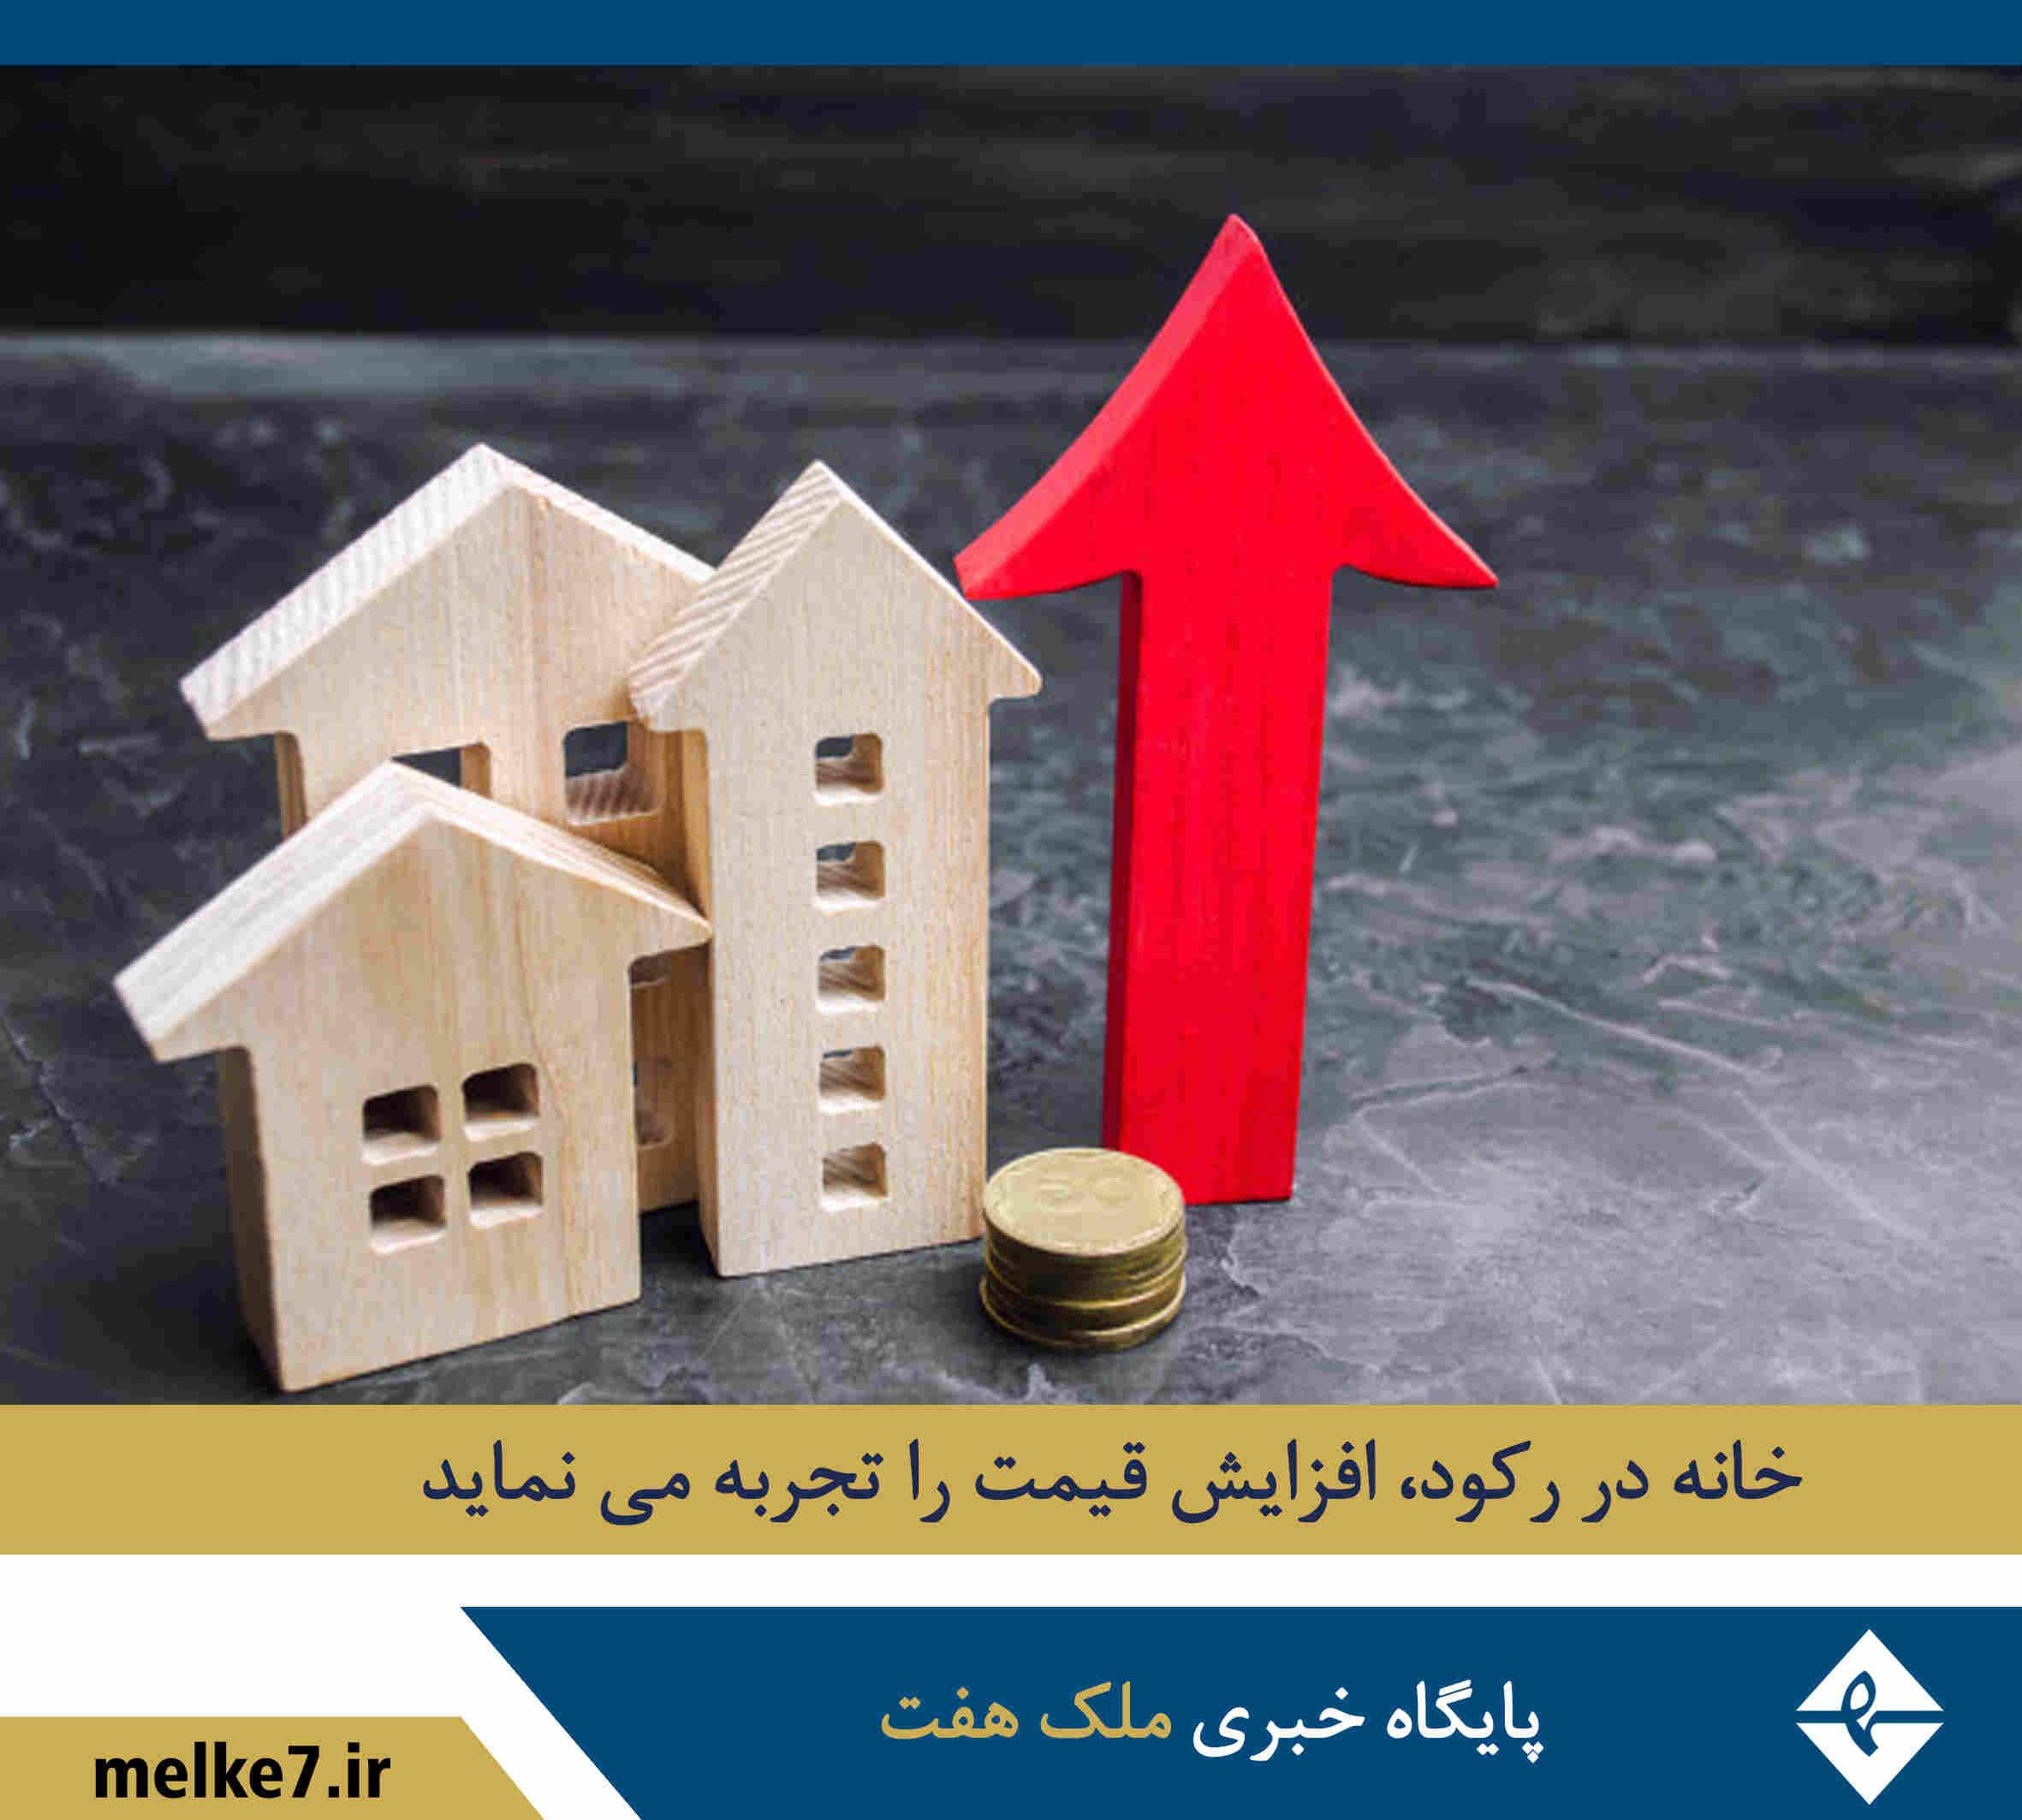 خانه در رکود،افزایش قیمت را تجربه مینماید